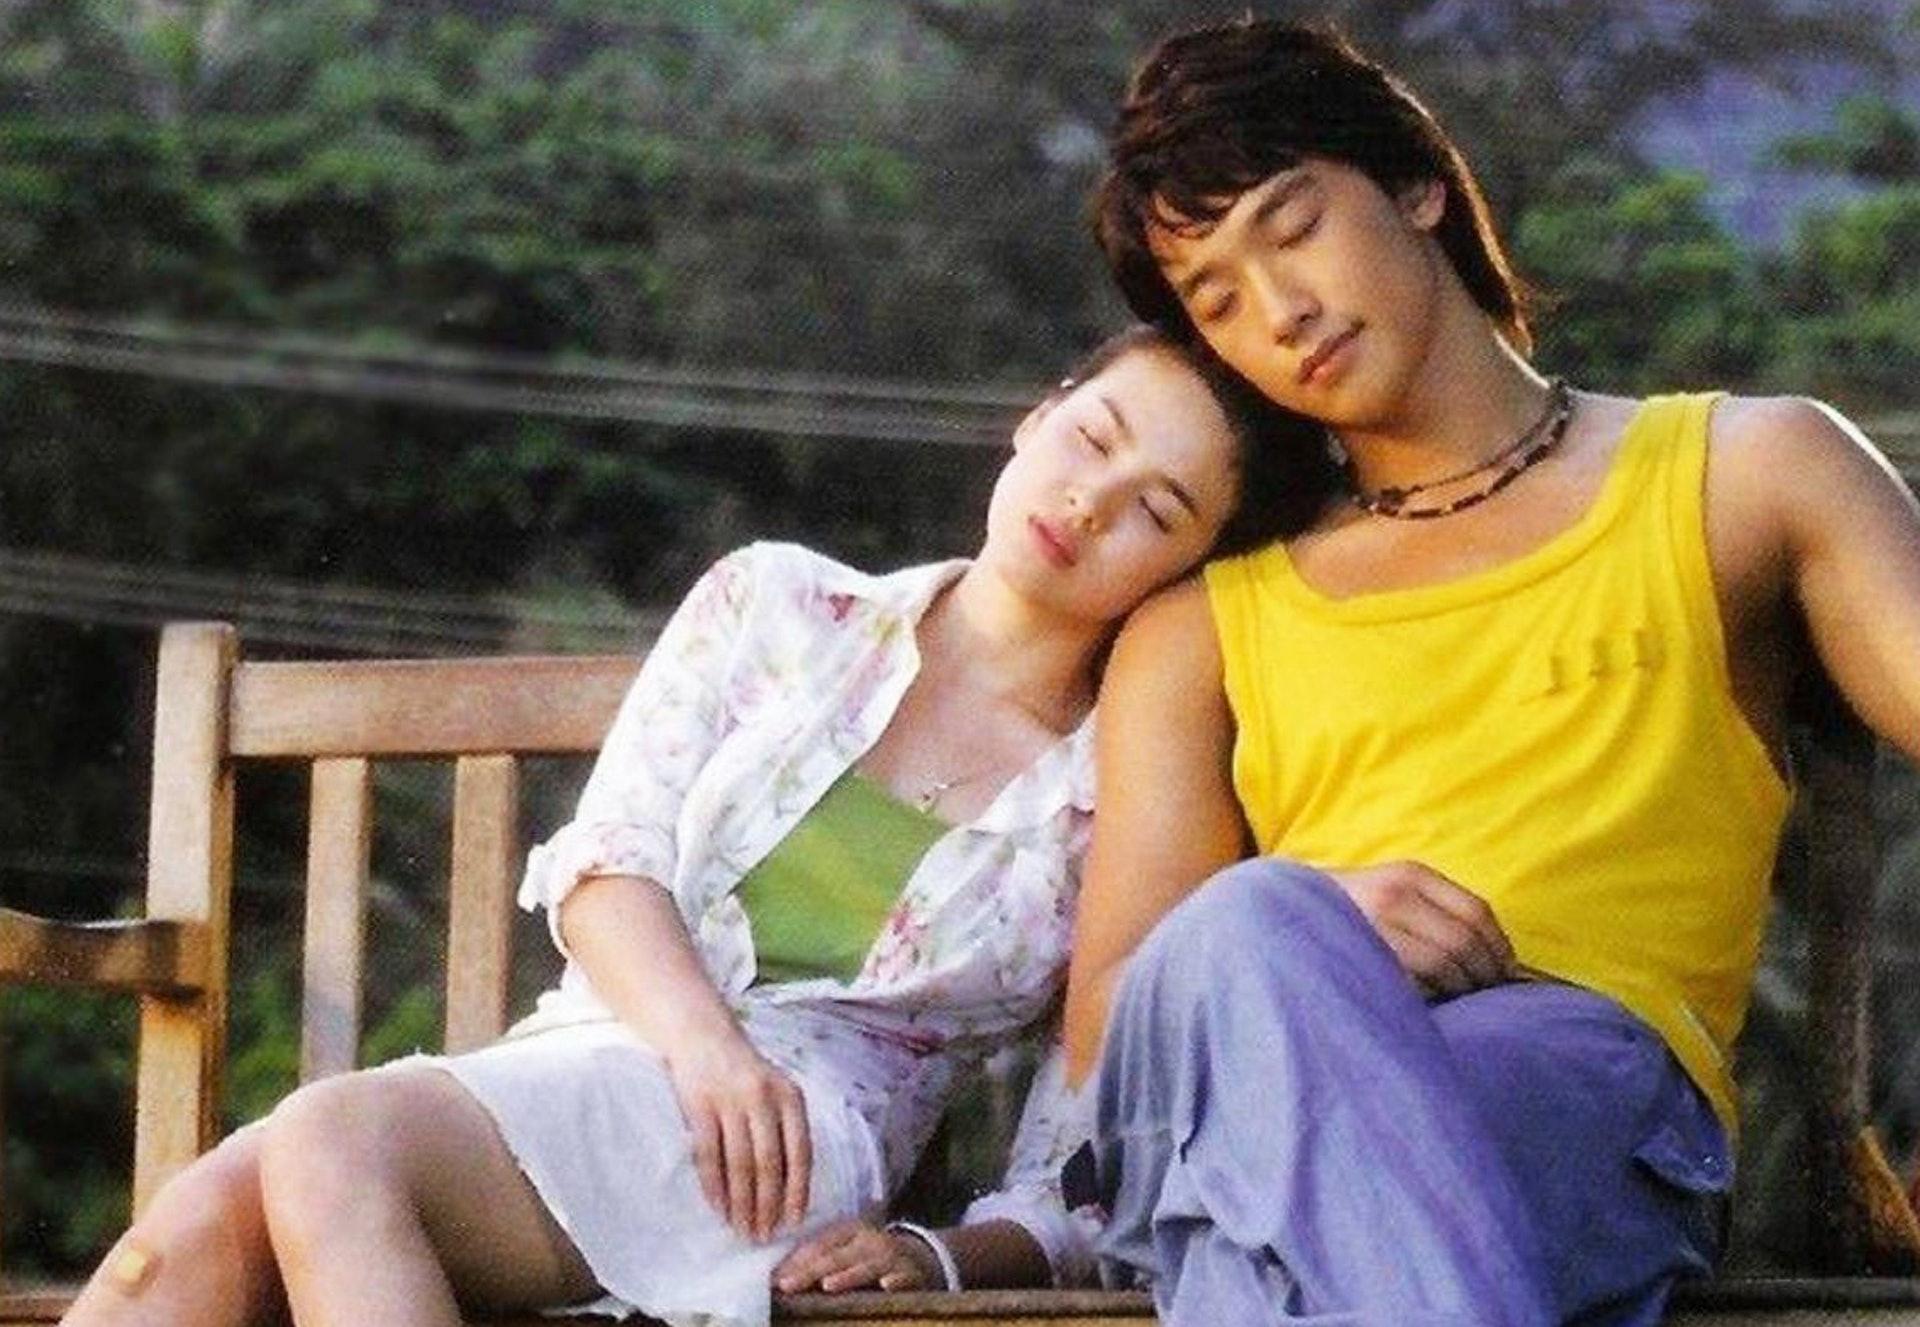 宋慧喬與Rain(鄭智薰)2004年合演《浪漫滿屋》,被指戲假情真。(電視劇《浪漫滿屋》劇照)